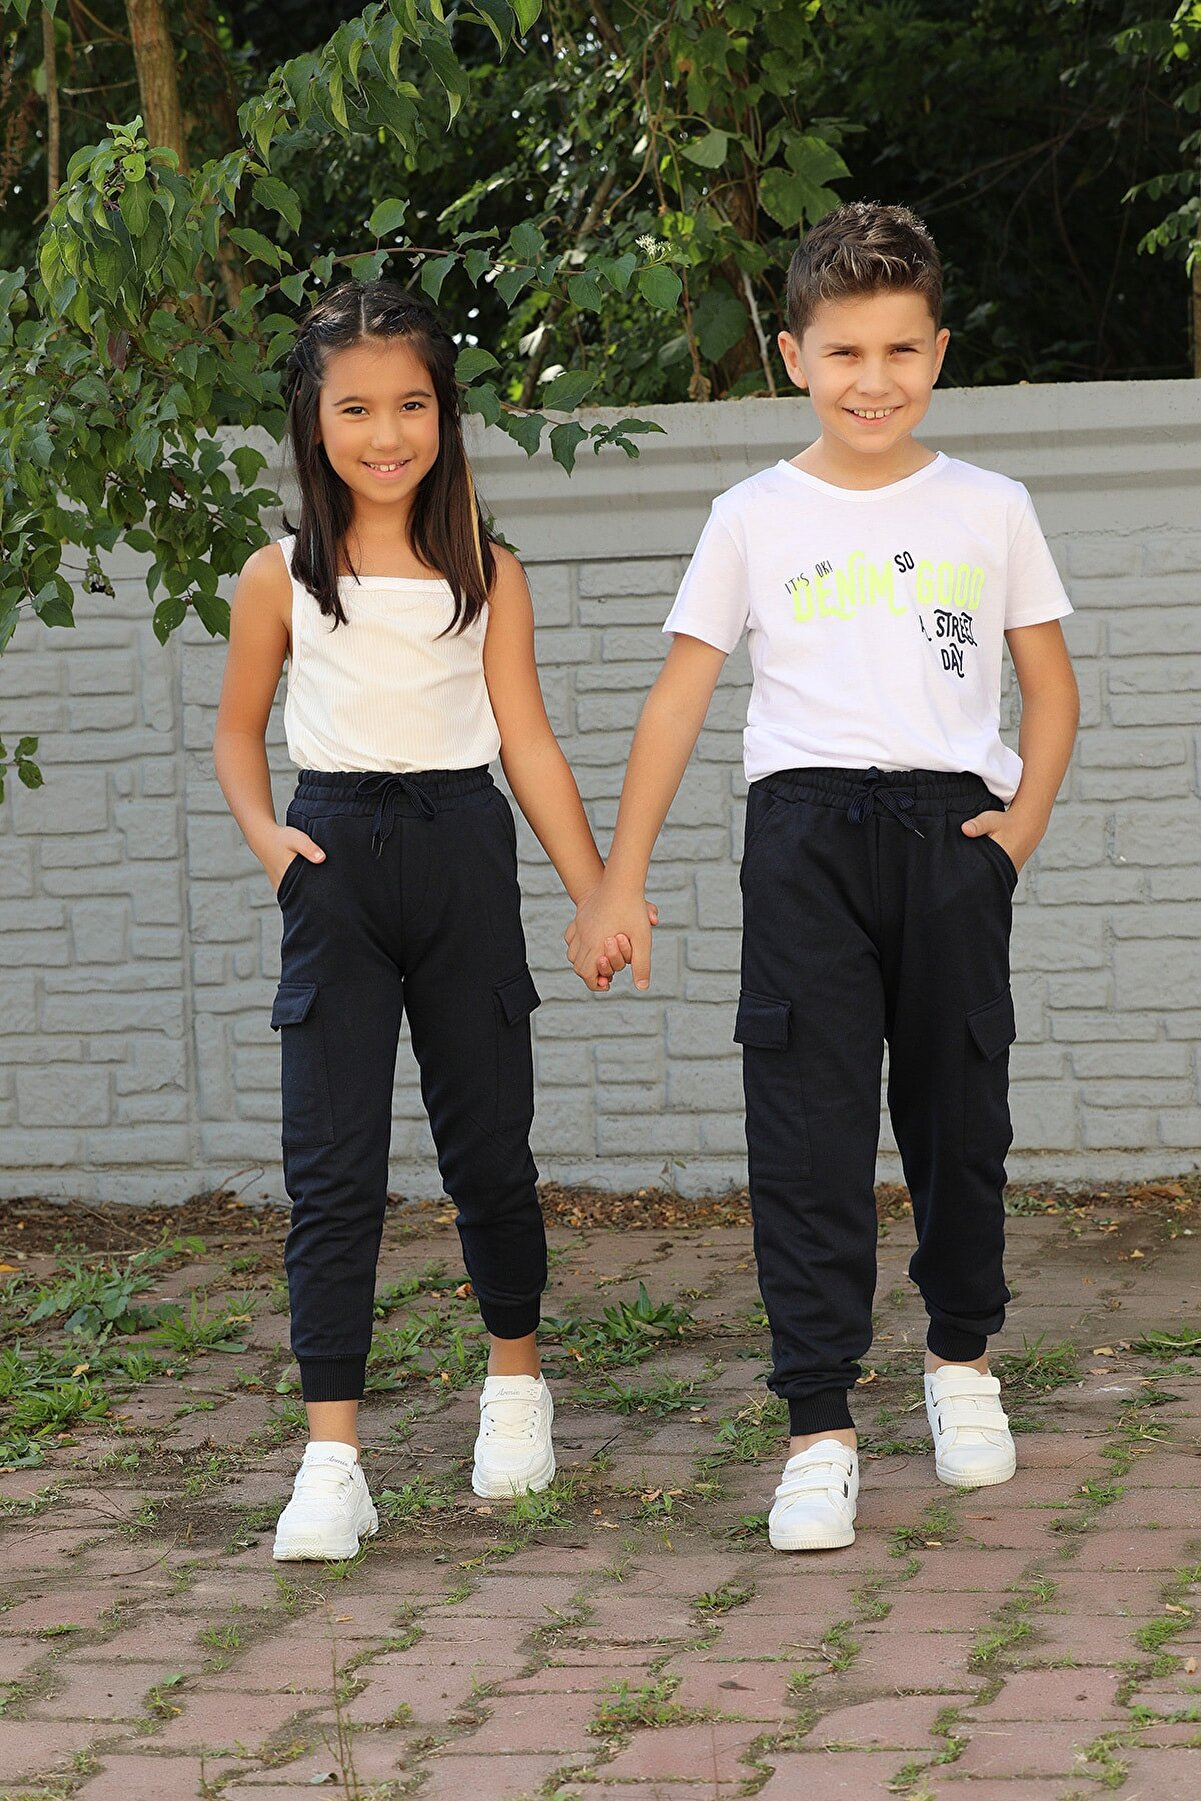 VEDAT BEBE Kargo Cepli Kız Erkek Çocuk Eşofman Altı